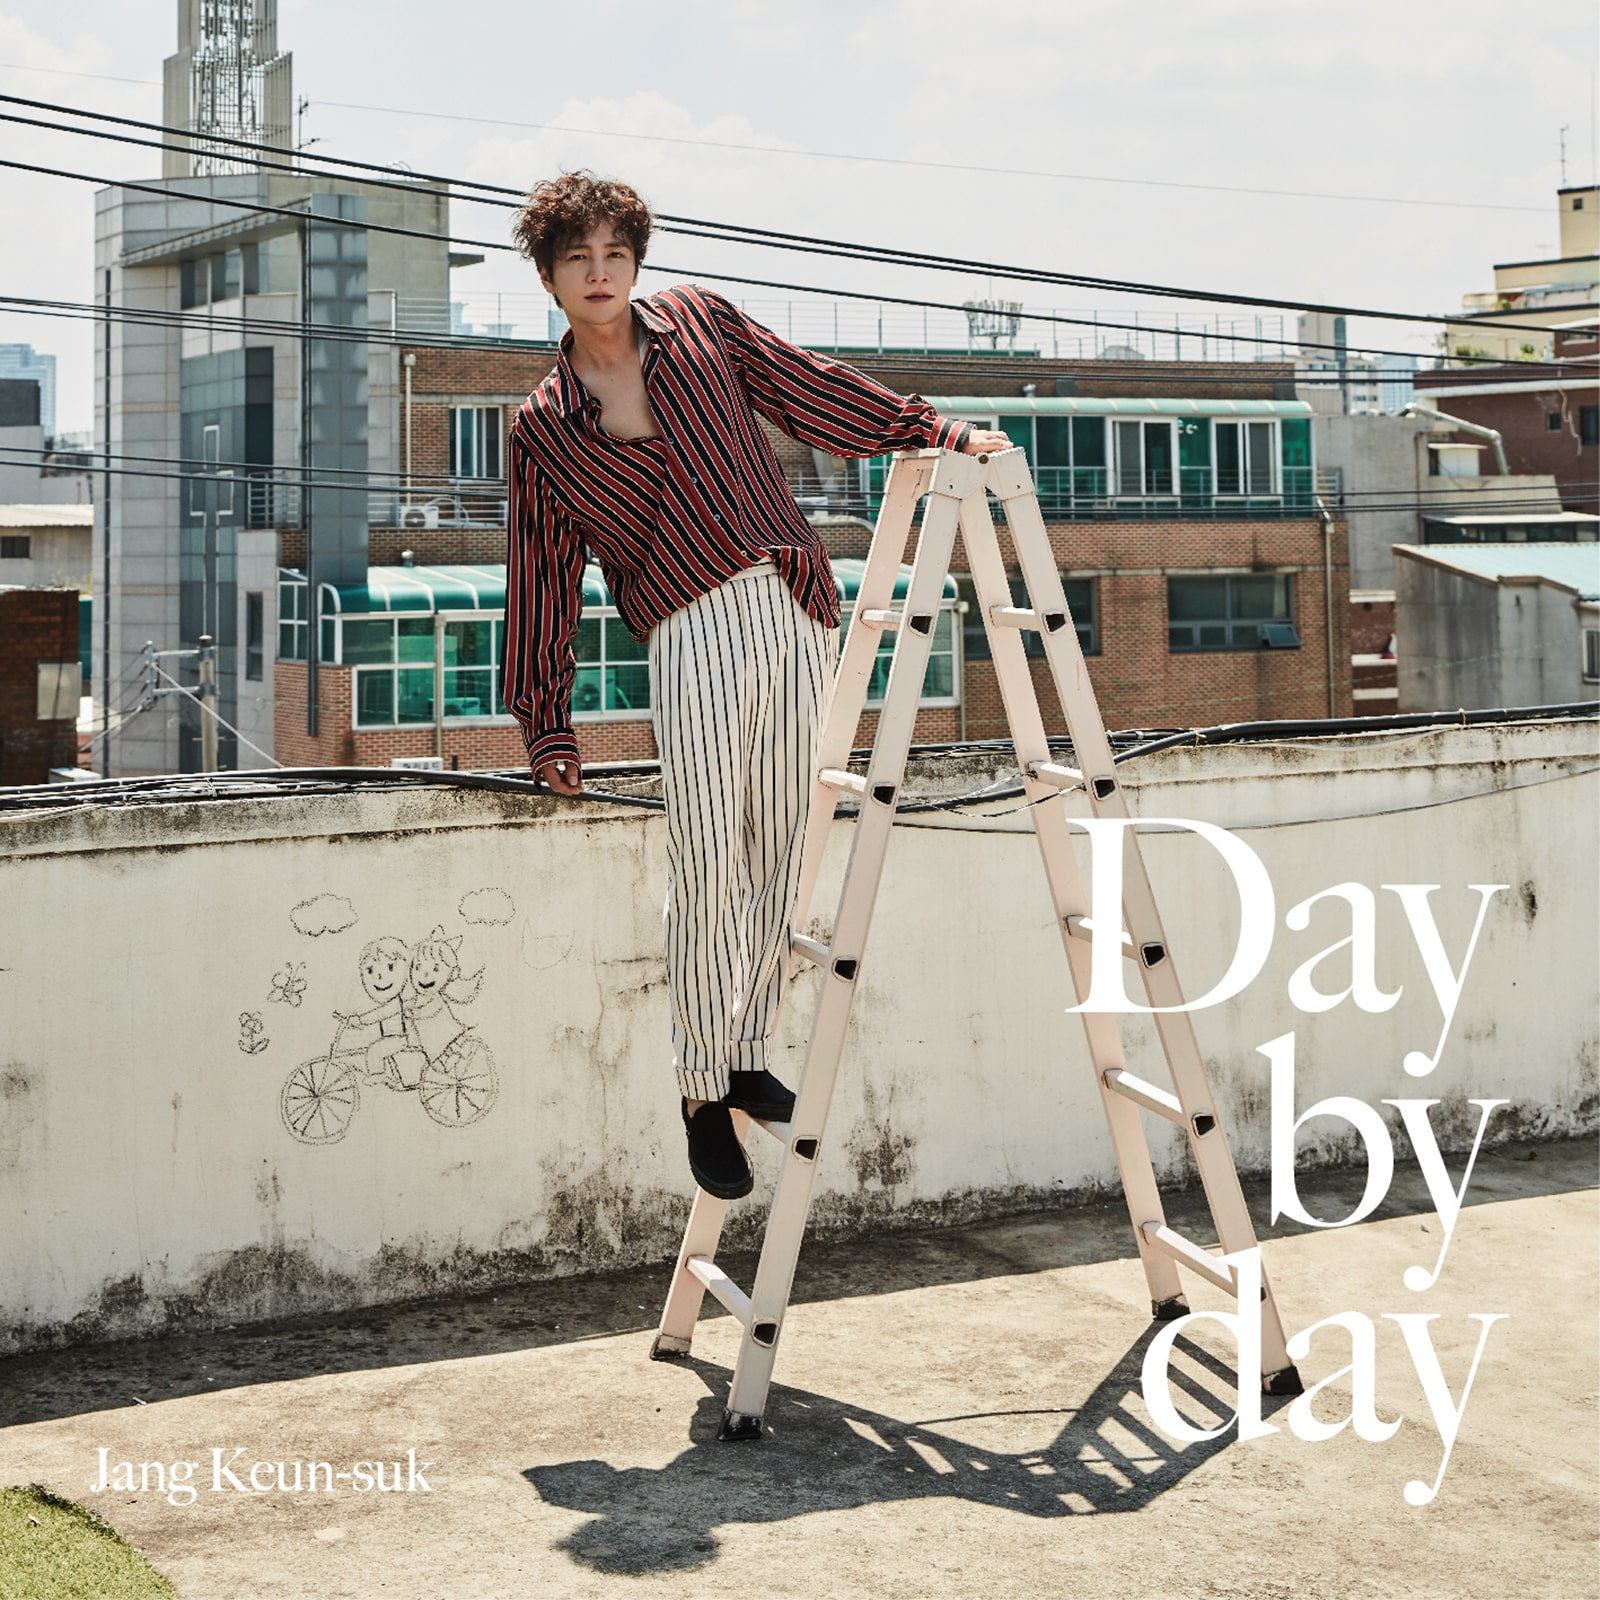 チャン・グンソク「Day by day」<初回限定盤B>